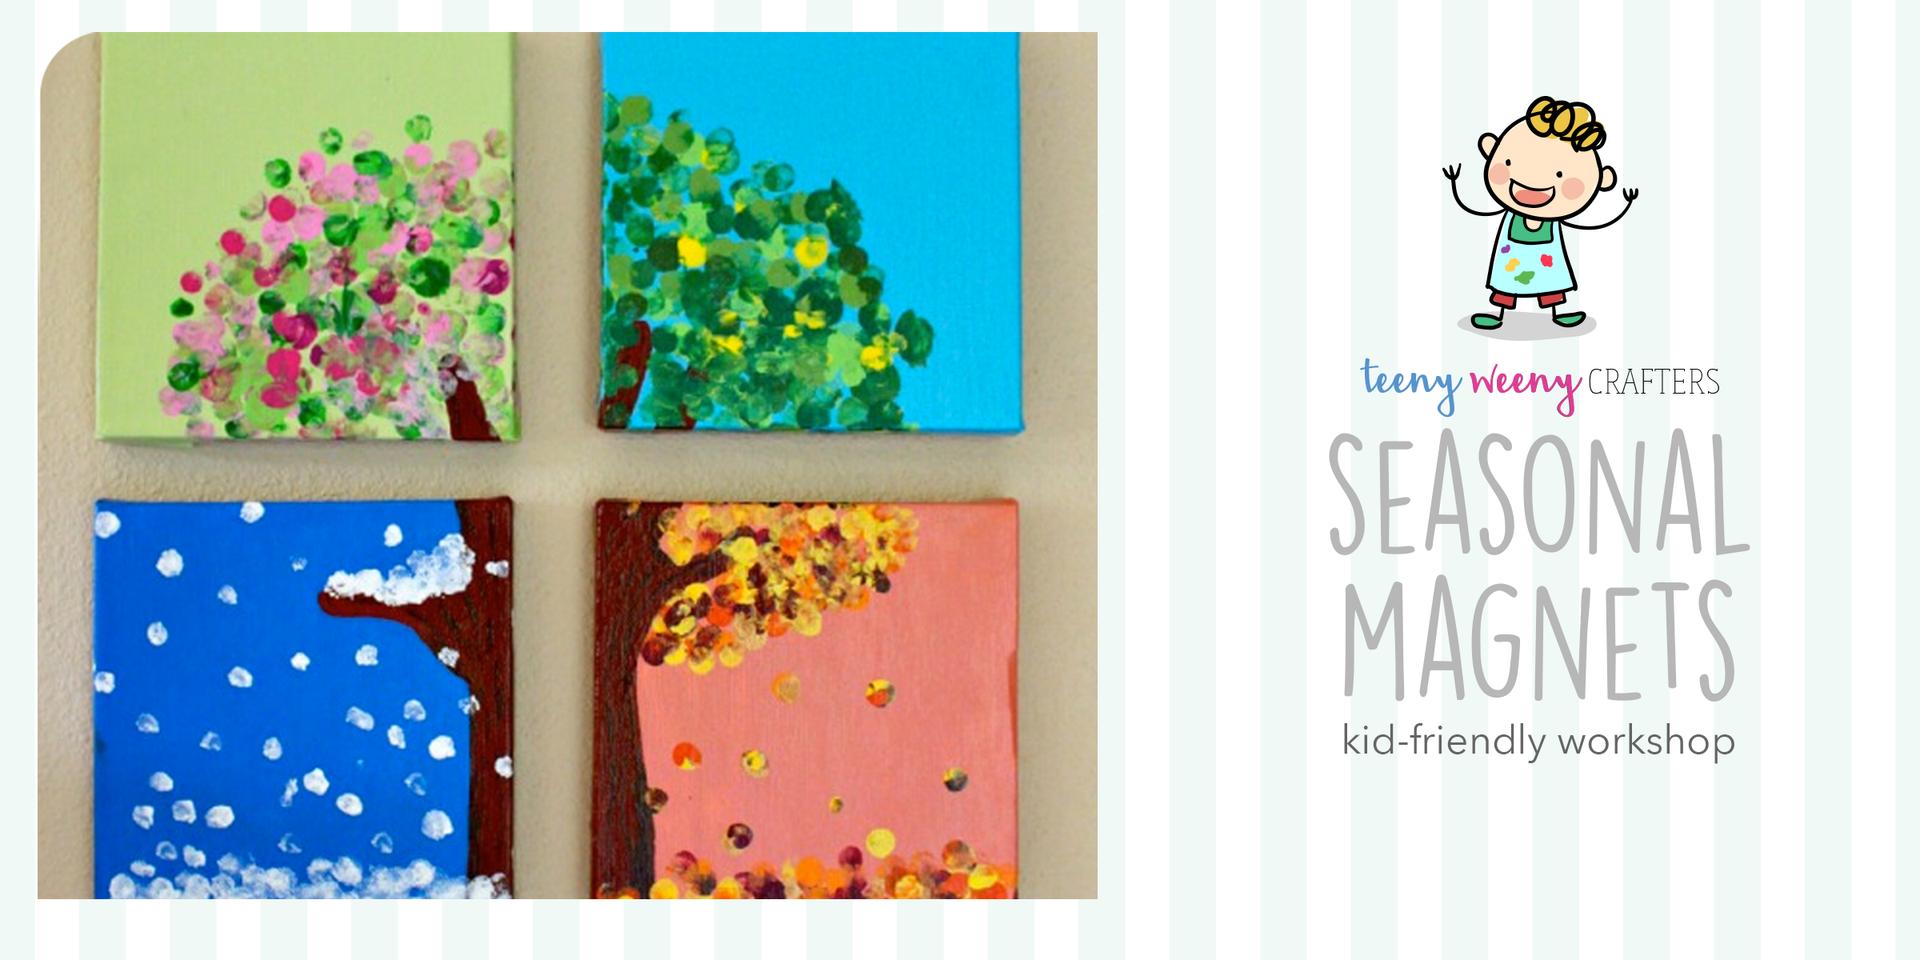 Seasonal Magnets